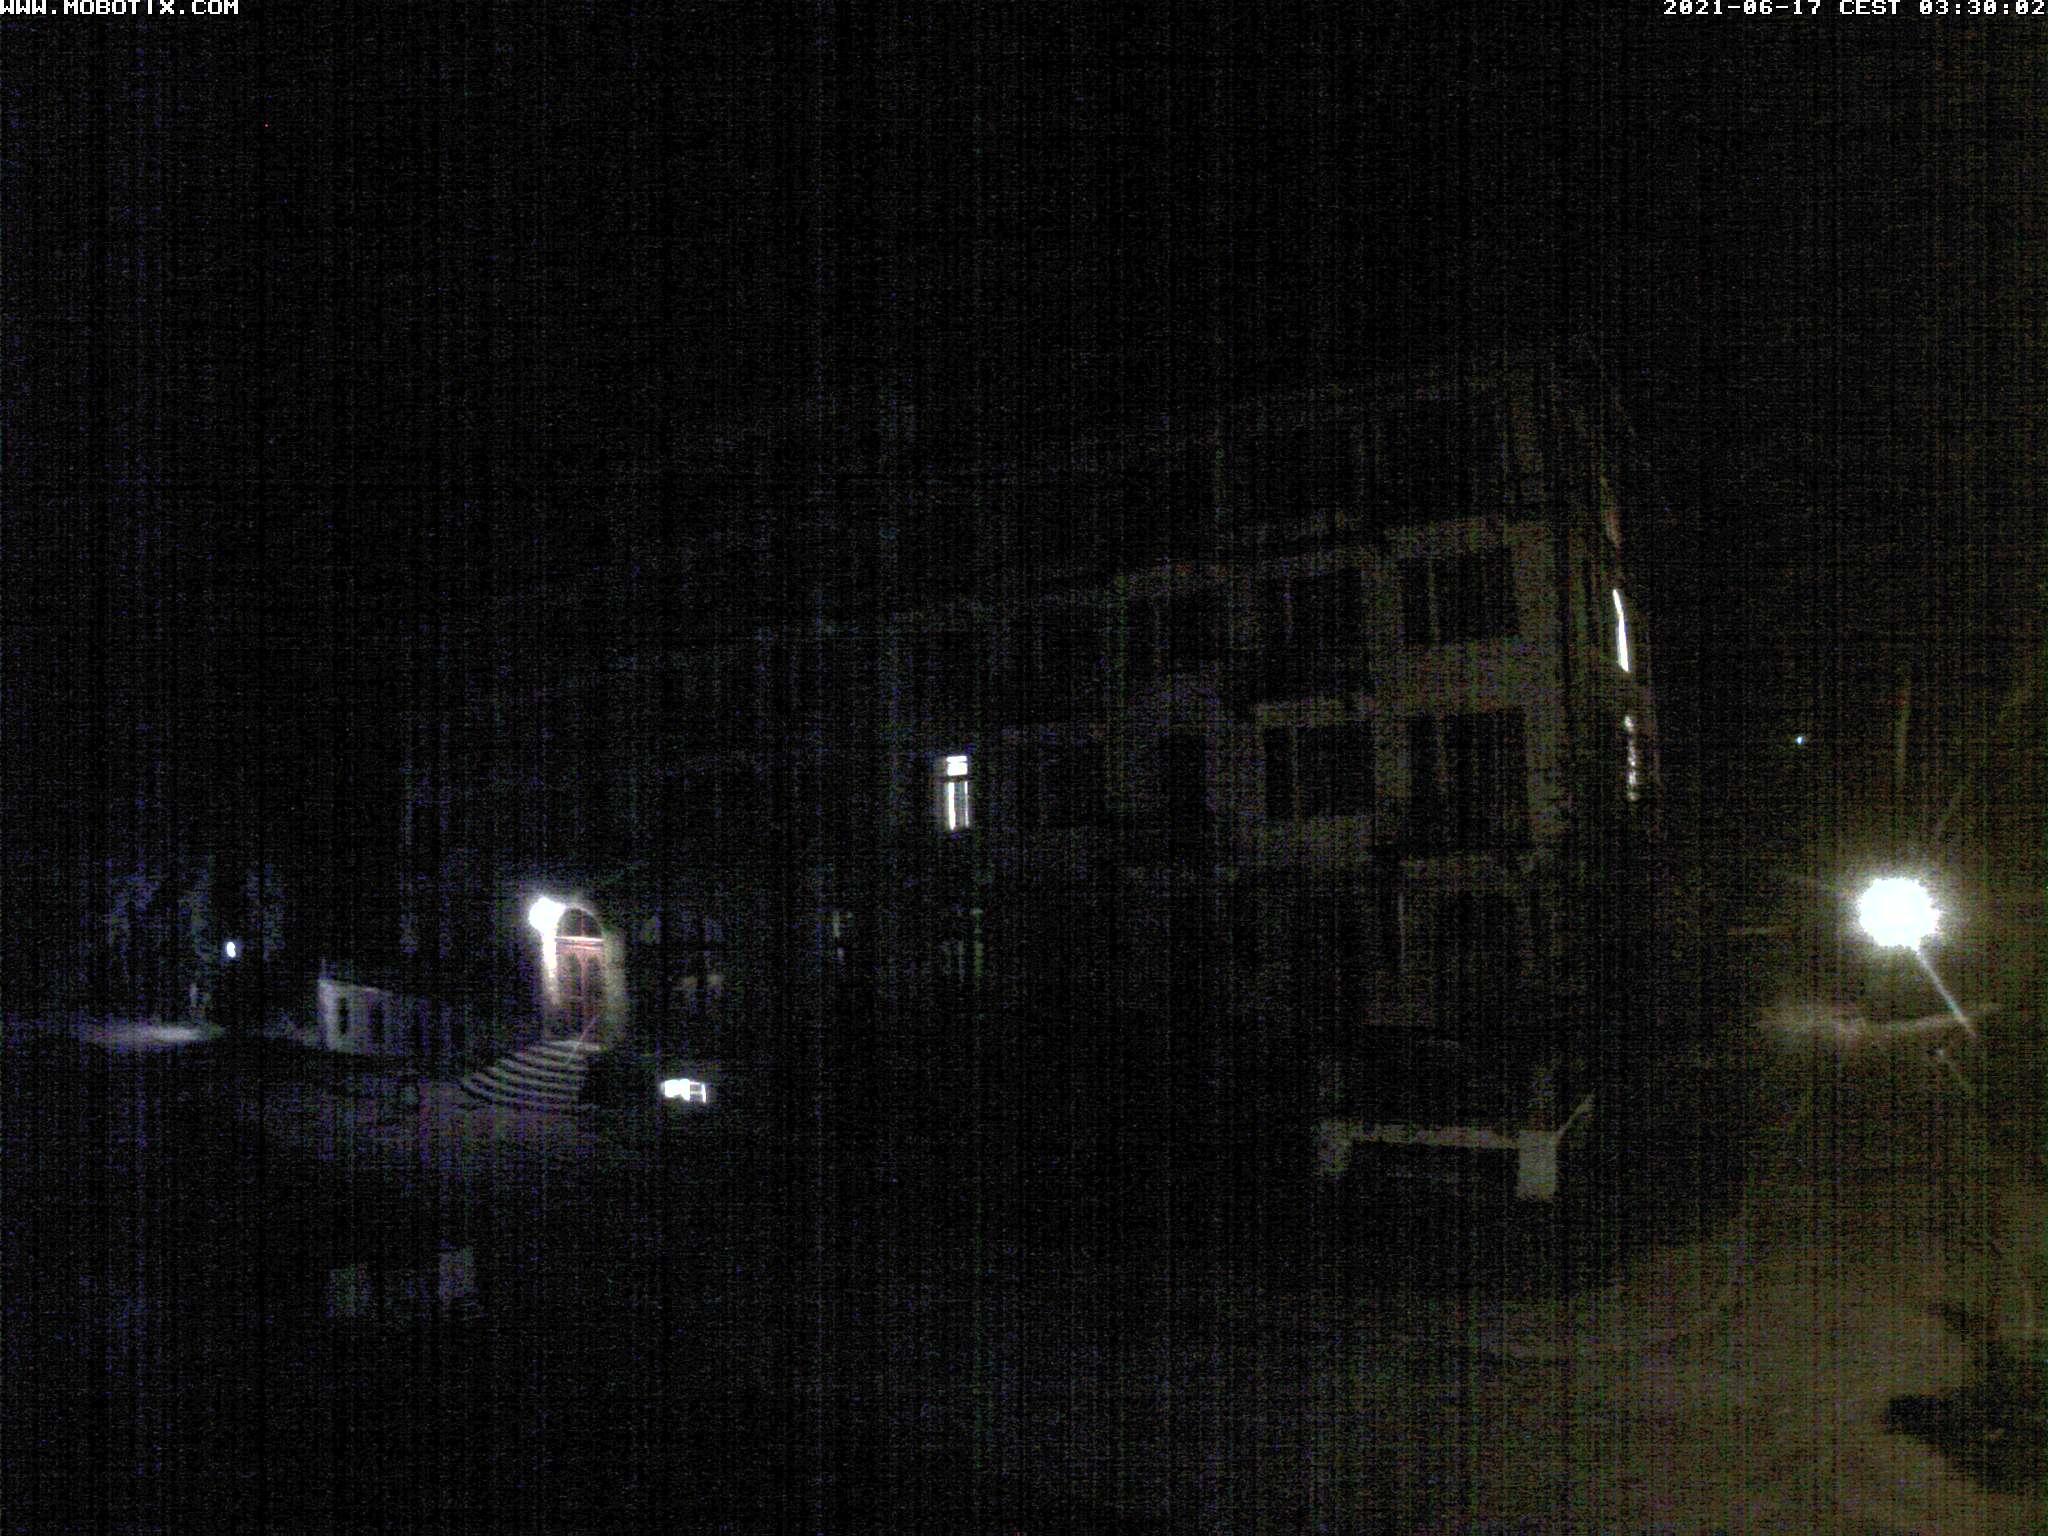 4h ago - 03:30